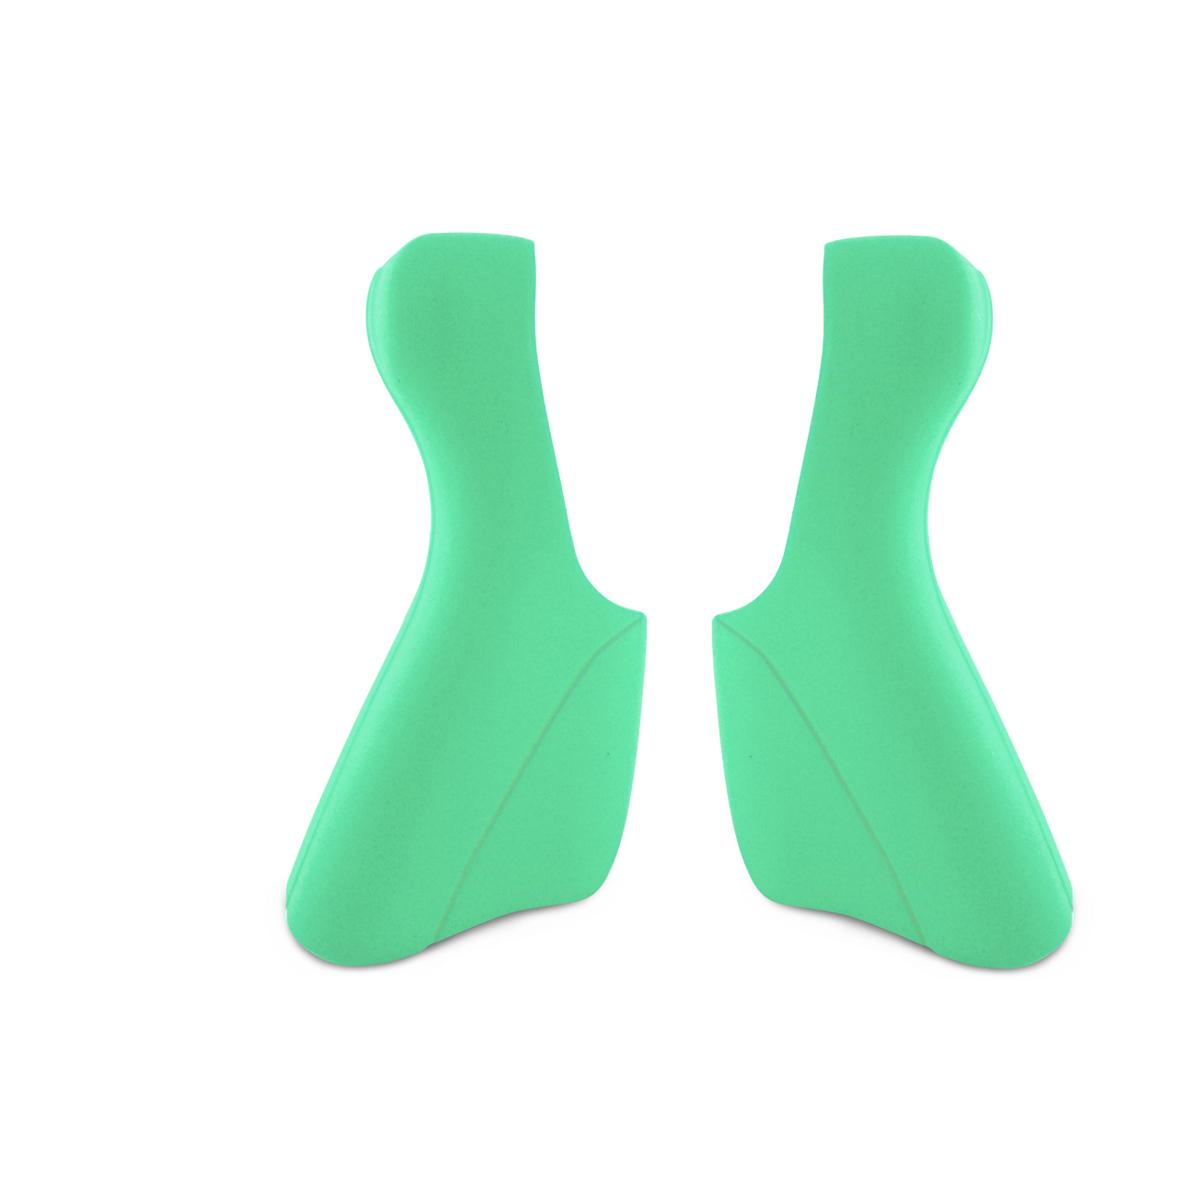 Couvre cocottes Far & Near Shimano Dura-Ace 7900 vert céleste Bianchi